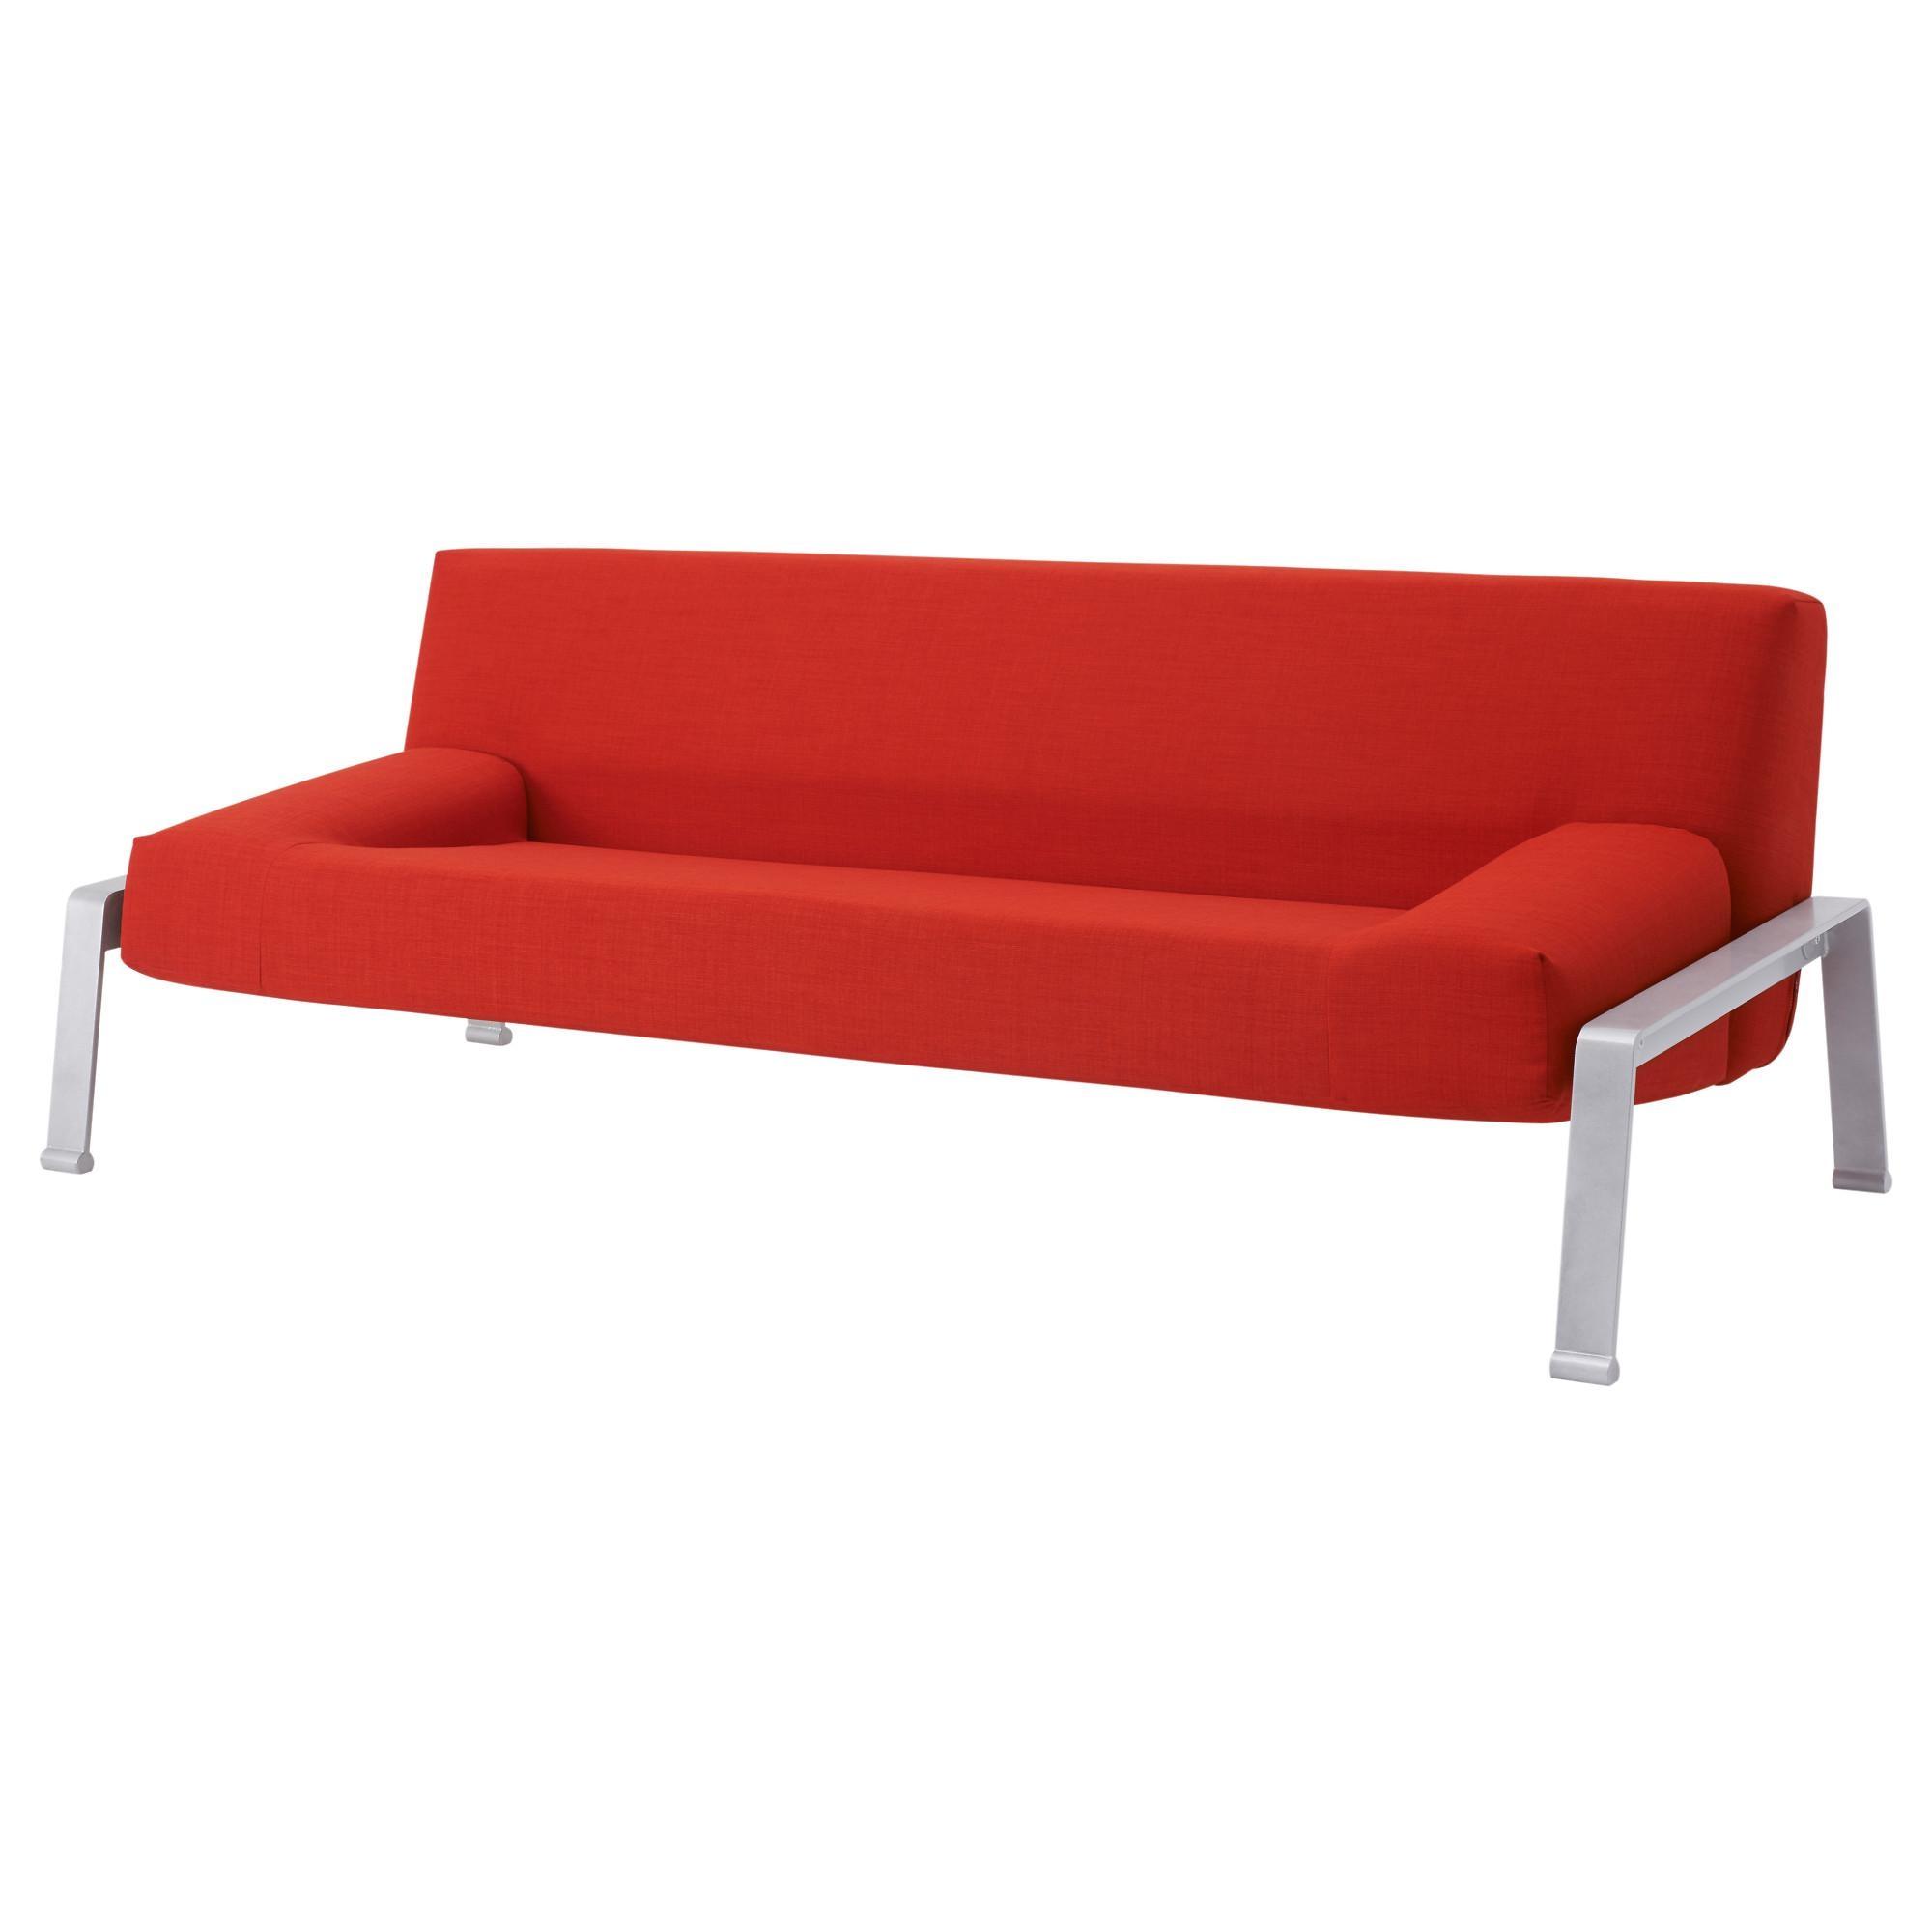 Sleeper-Sofas & Chair Beds - Ikea with Twin Sleeper Sofa Chairs